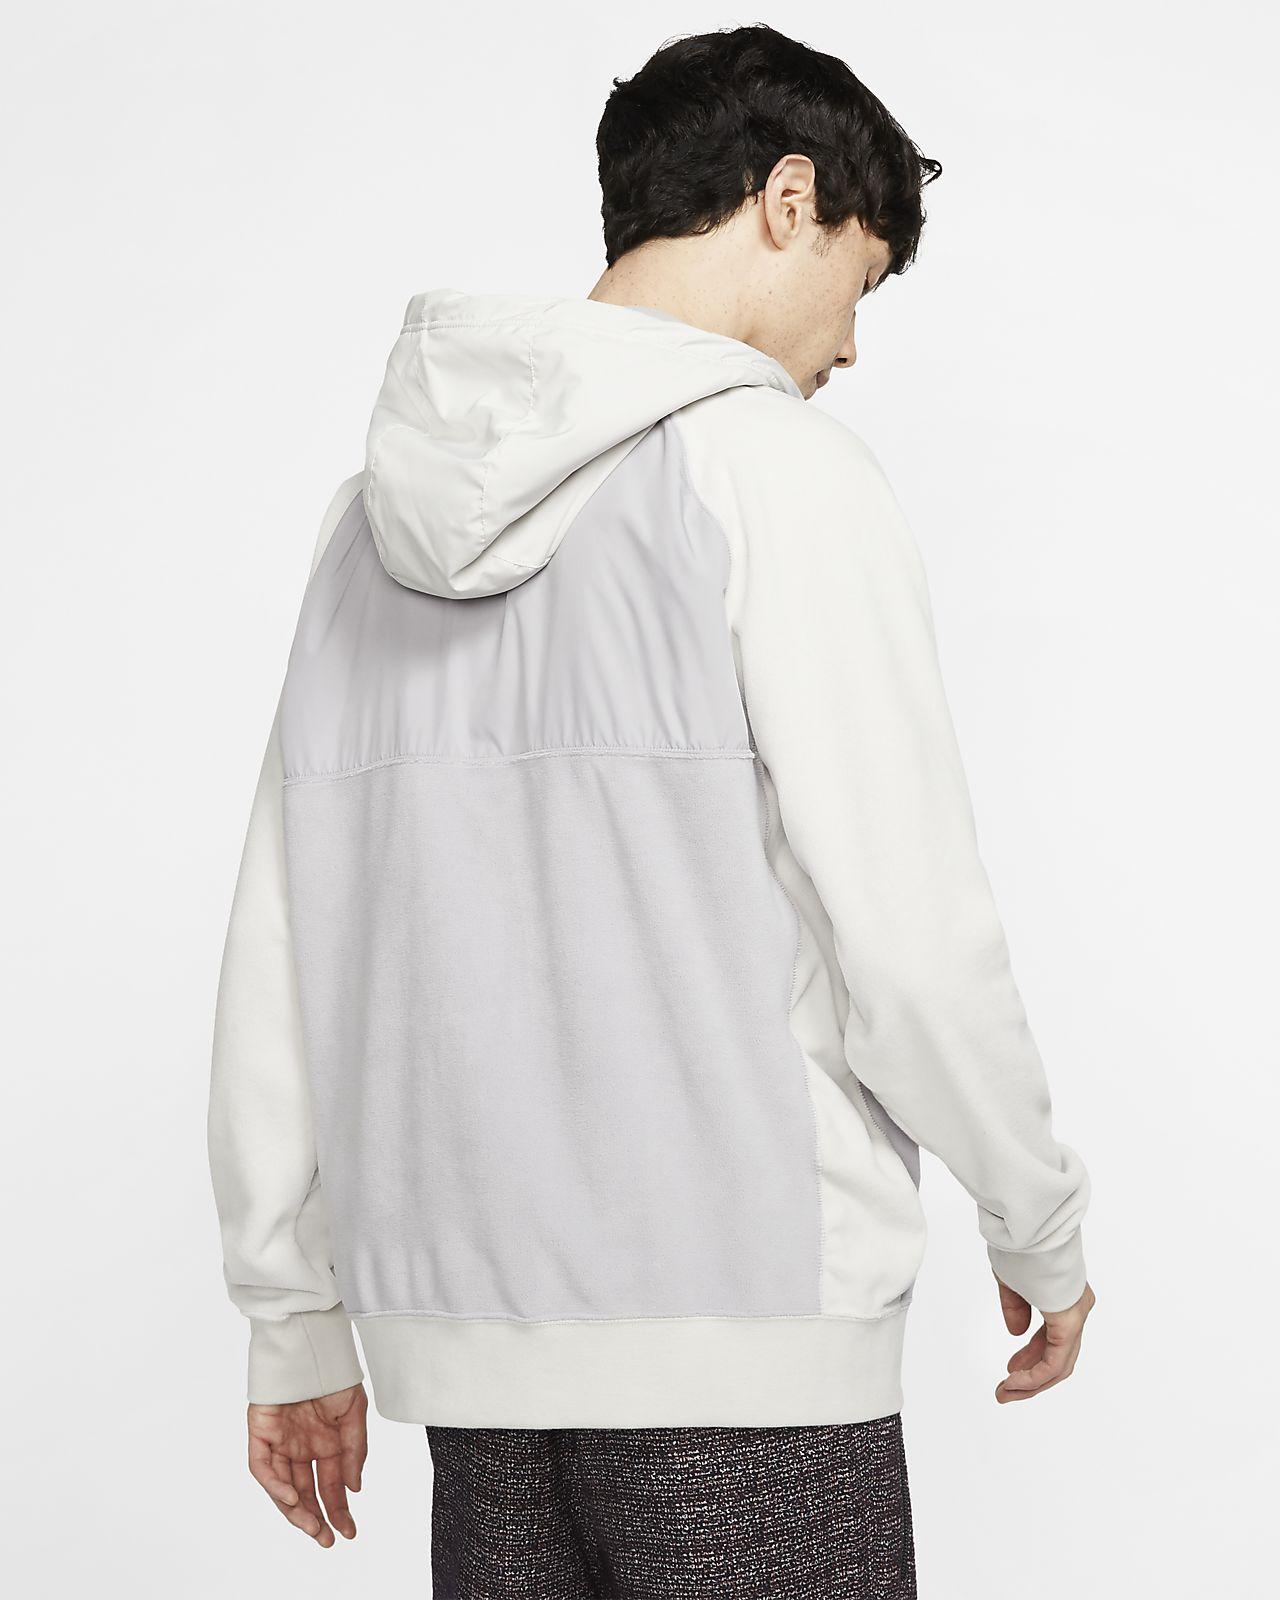 Nike Sportswear Grey Full Zip Men's Fleece Hoodie